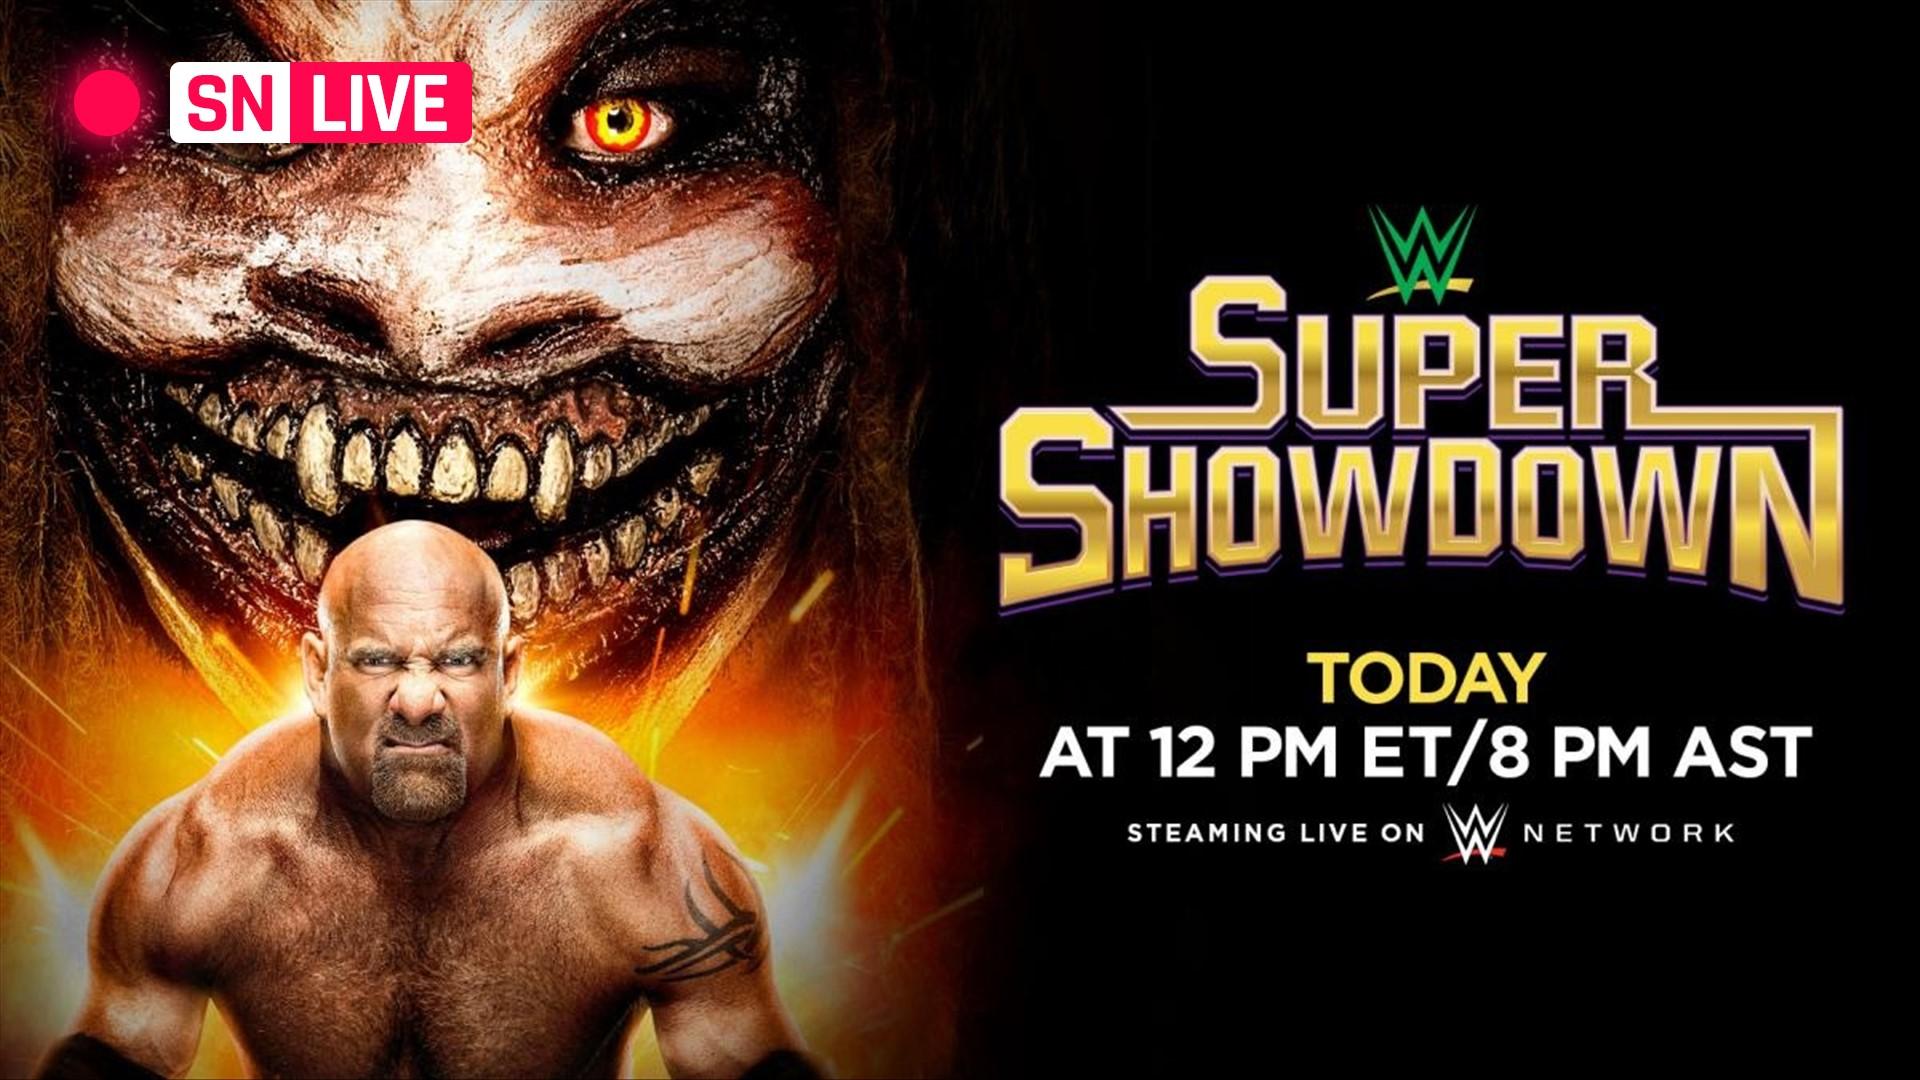 Resultados en vivo de WWE Super Showdown, actualizaciones, aspectos destacados de todo el show 32